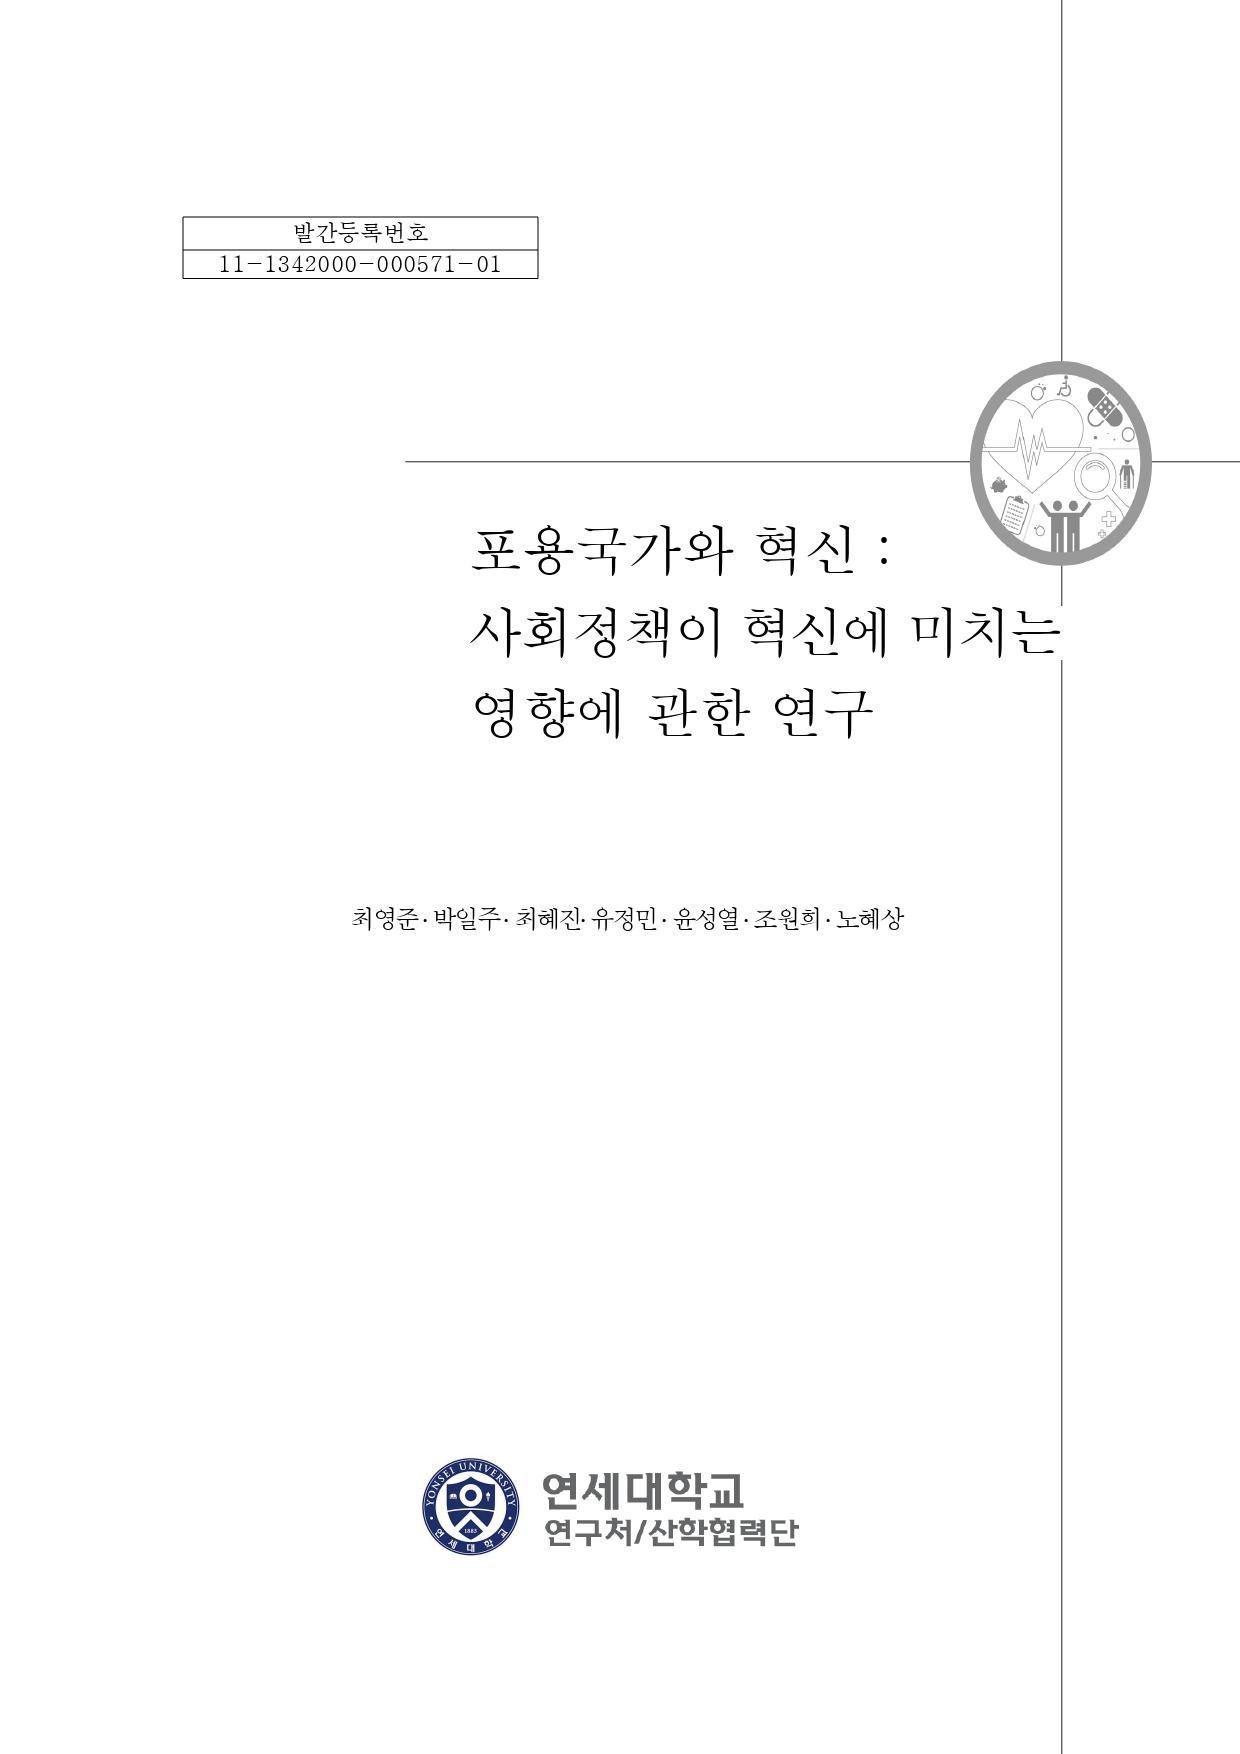 [연구보고서]포용국가와 혁신_사회정책이 혁신에 미치는 영향에 관한 연구_page-0001.jpg